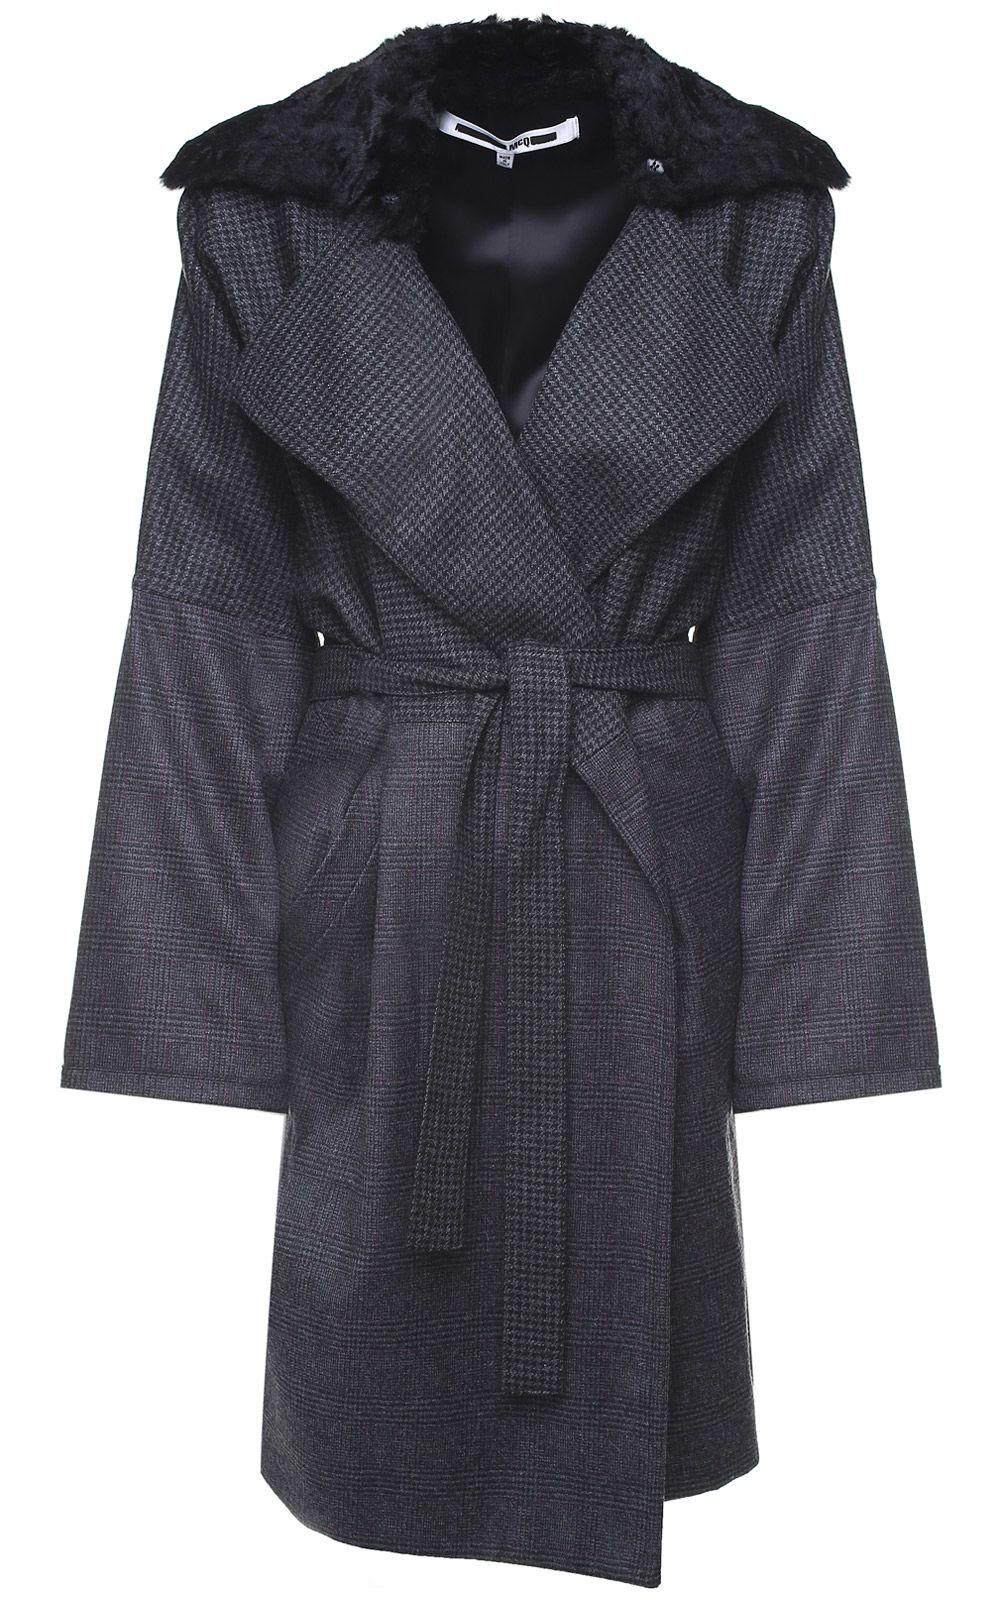 McQ Alexander McQueen Faux-fur And Pied De Poule-check Wool Coat